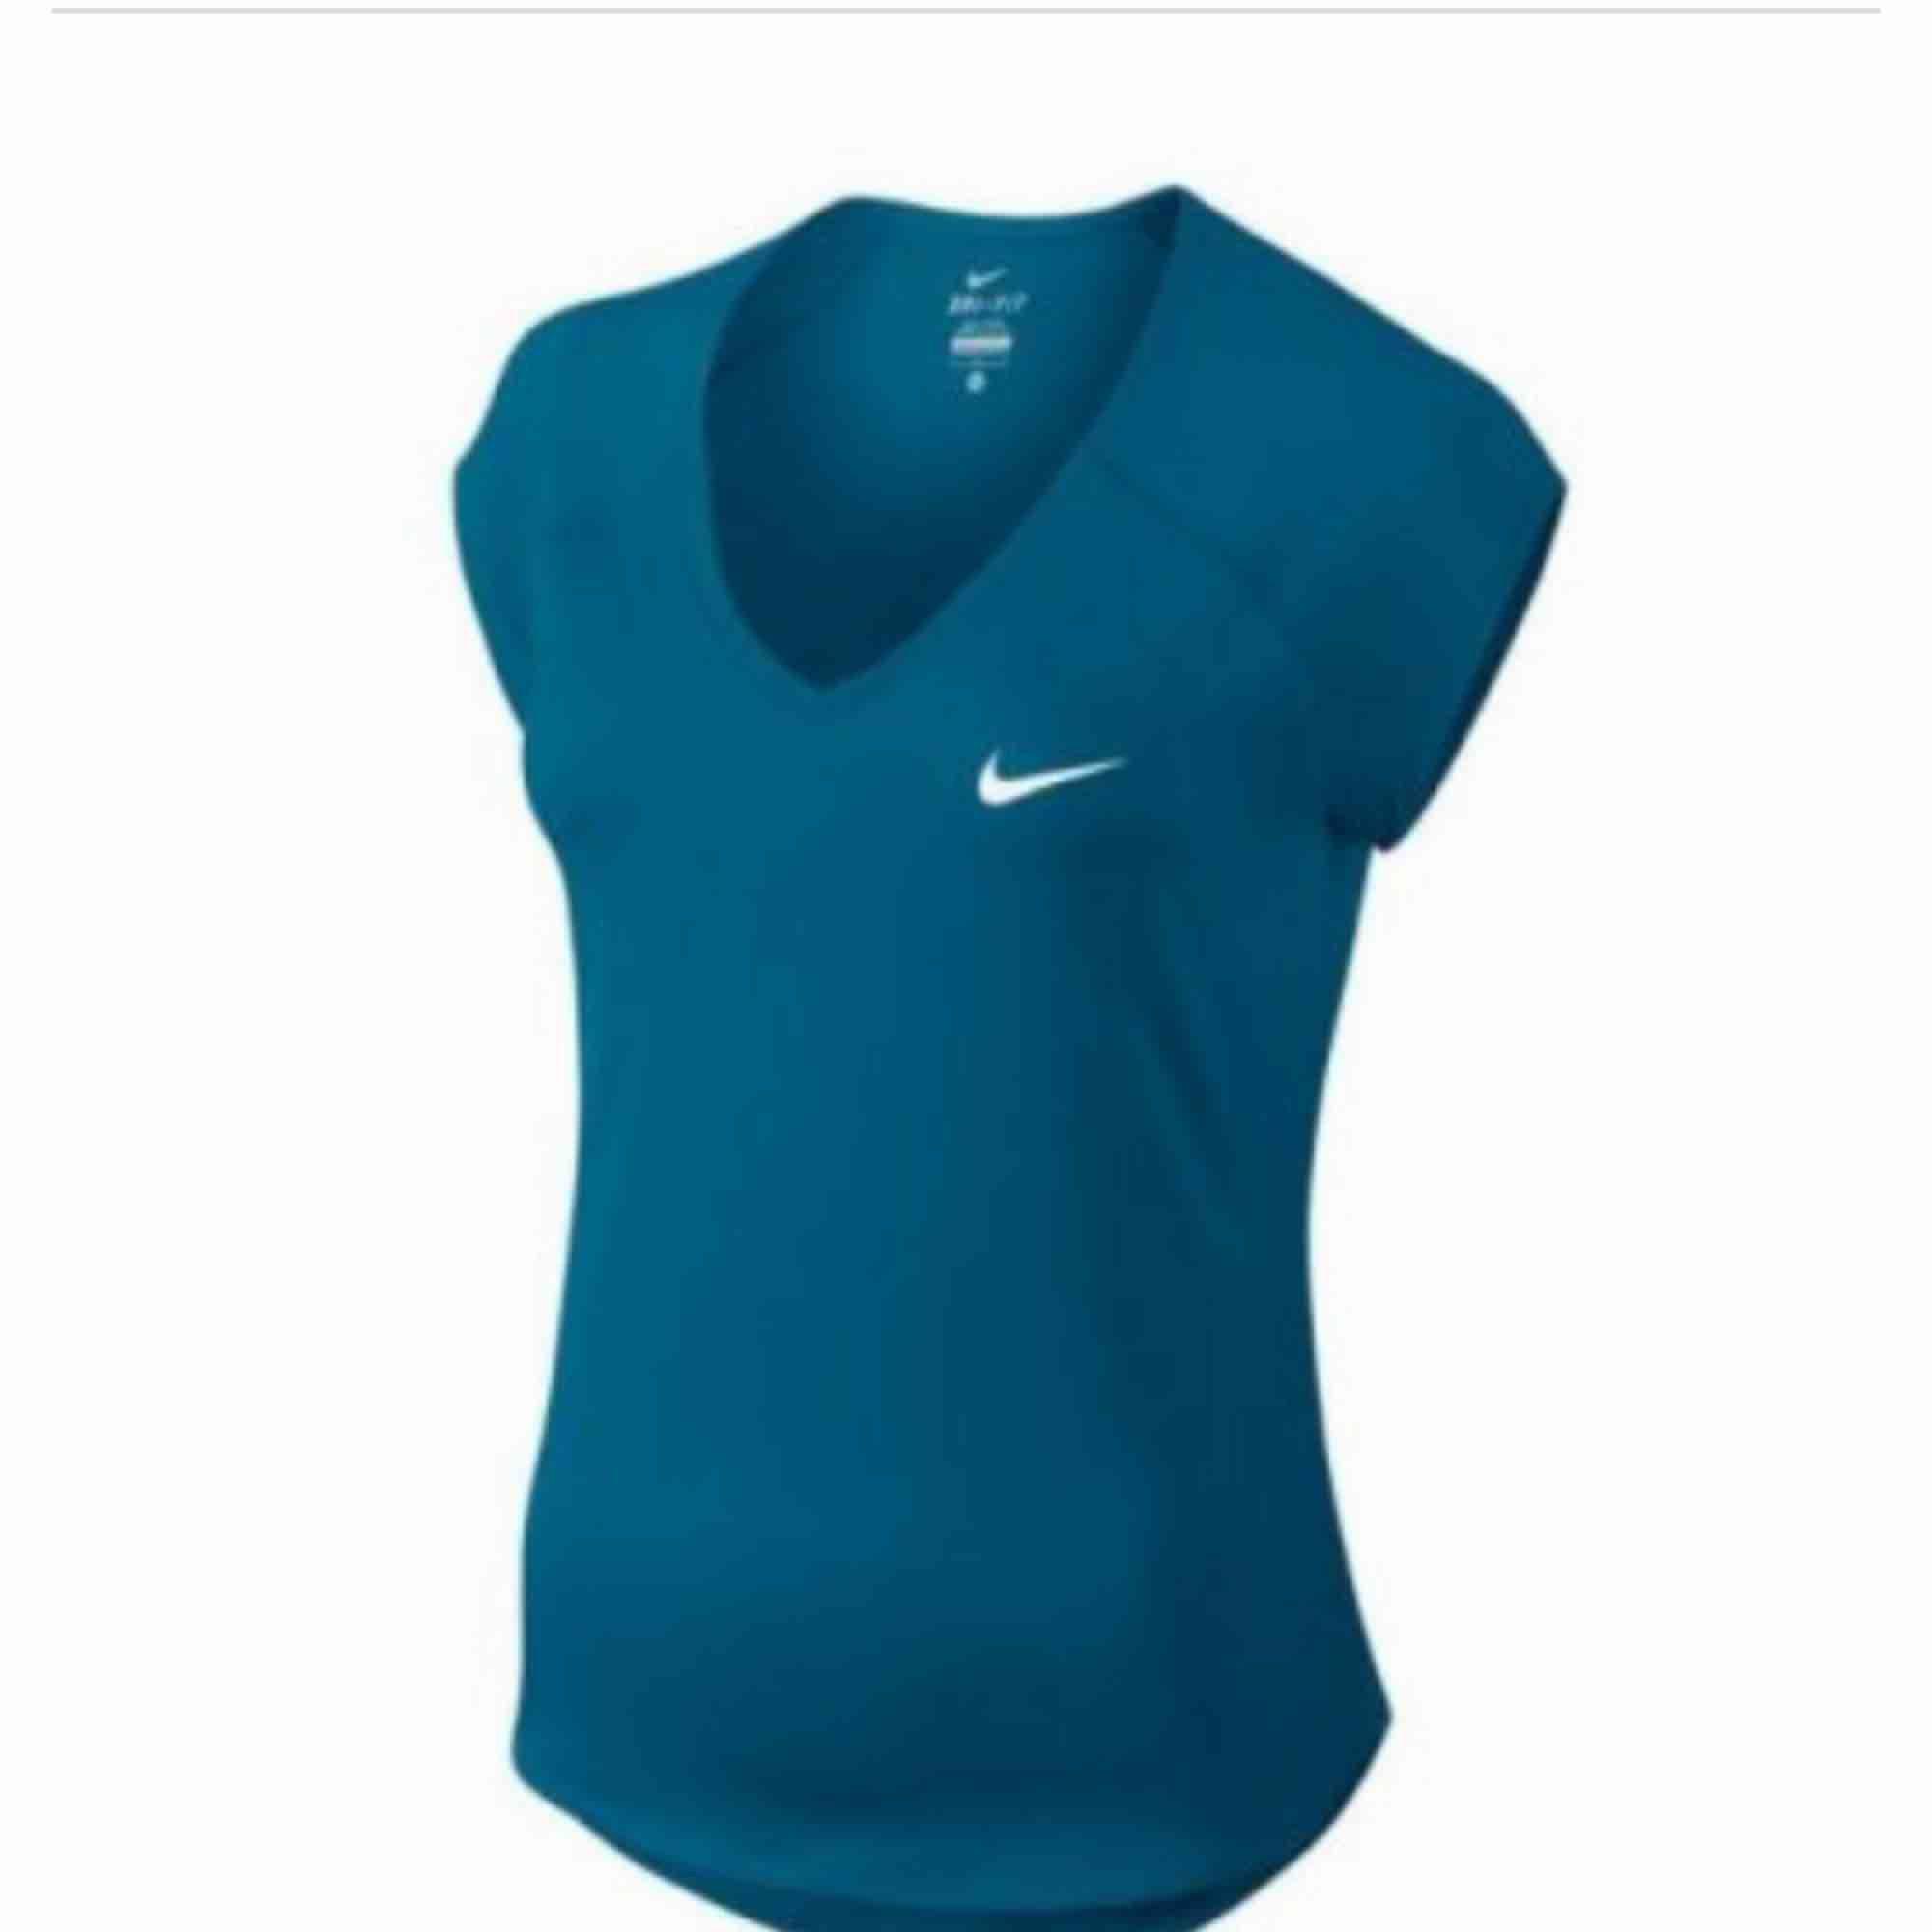 Fint skick. Köpt för 449kr. Lite ljusare blå i verkligheten än på bild. T-shirts.